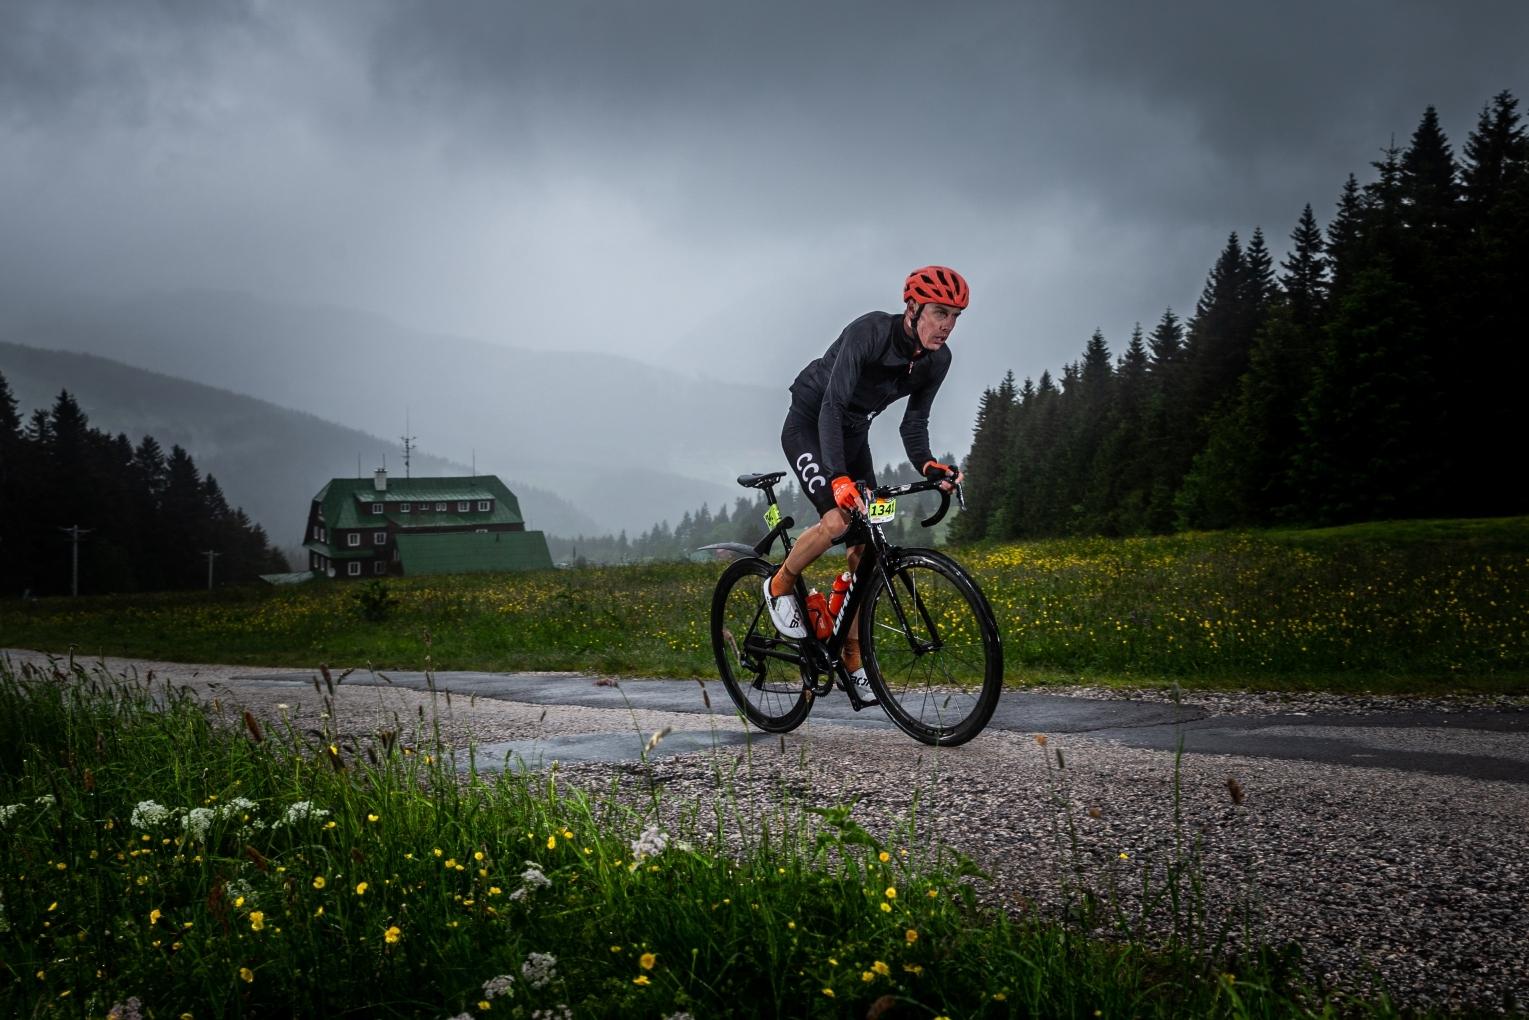 Jan Hirt, český cyklista týmu CCC, při Krakonošově maratonu před restartem sezony World Tour. Foto: Michal Červený